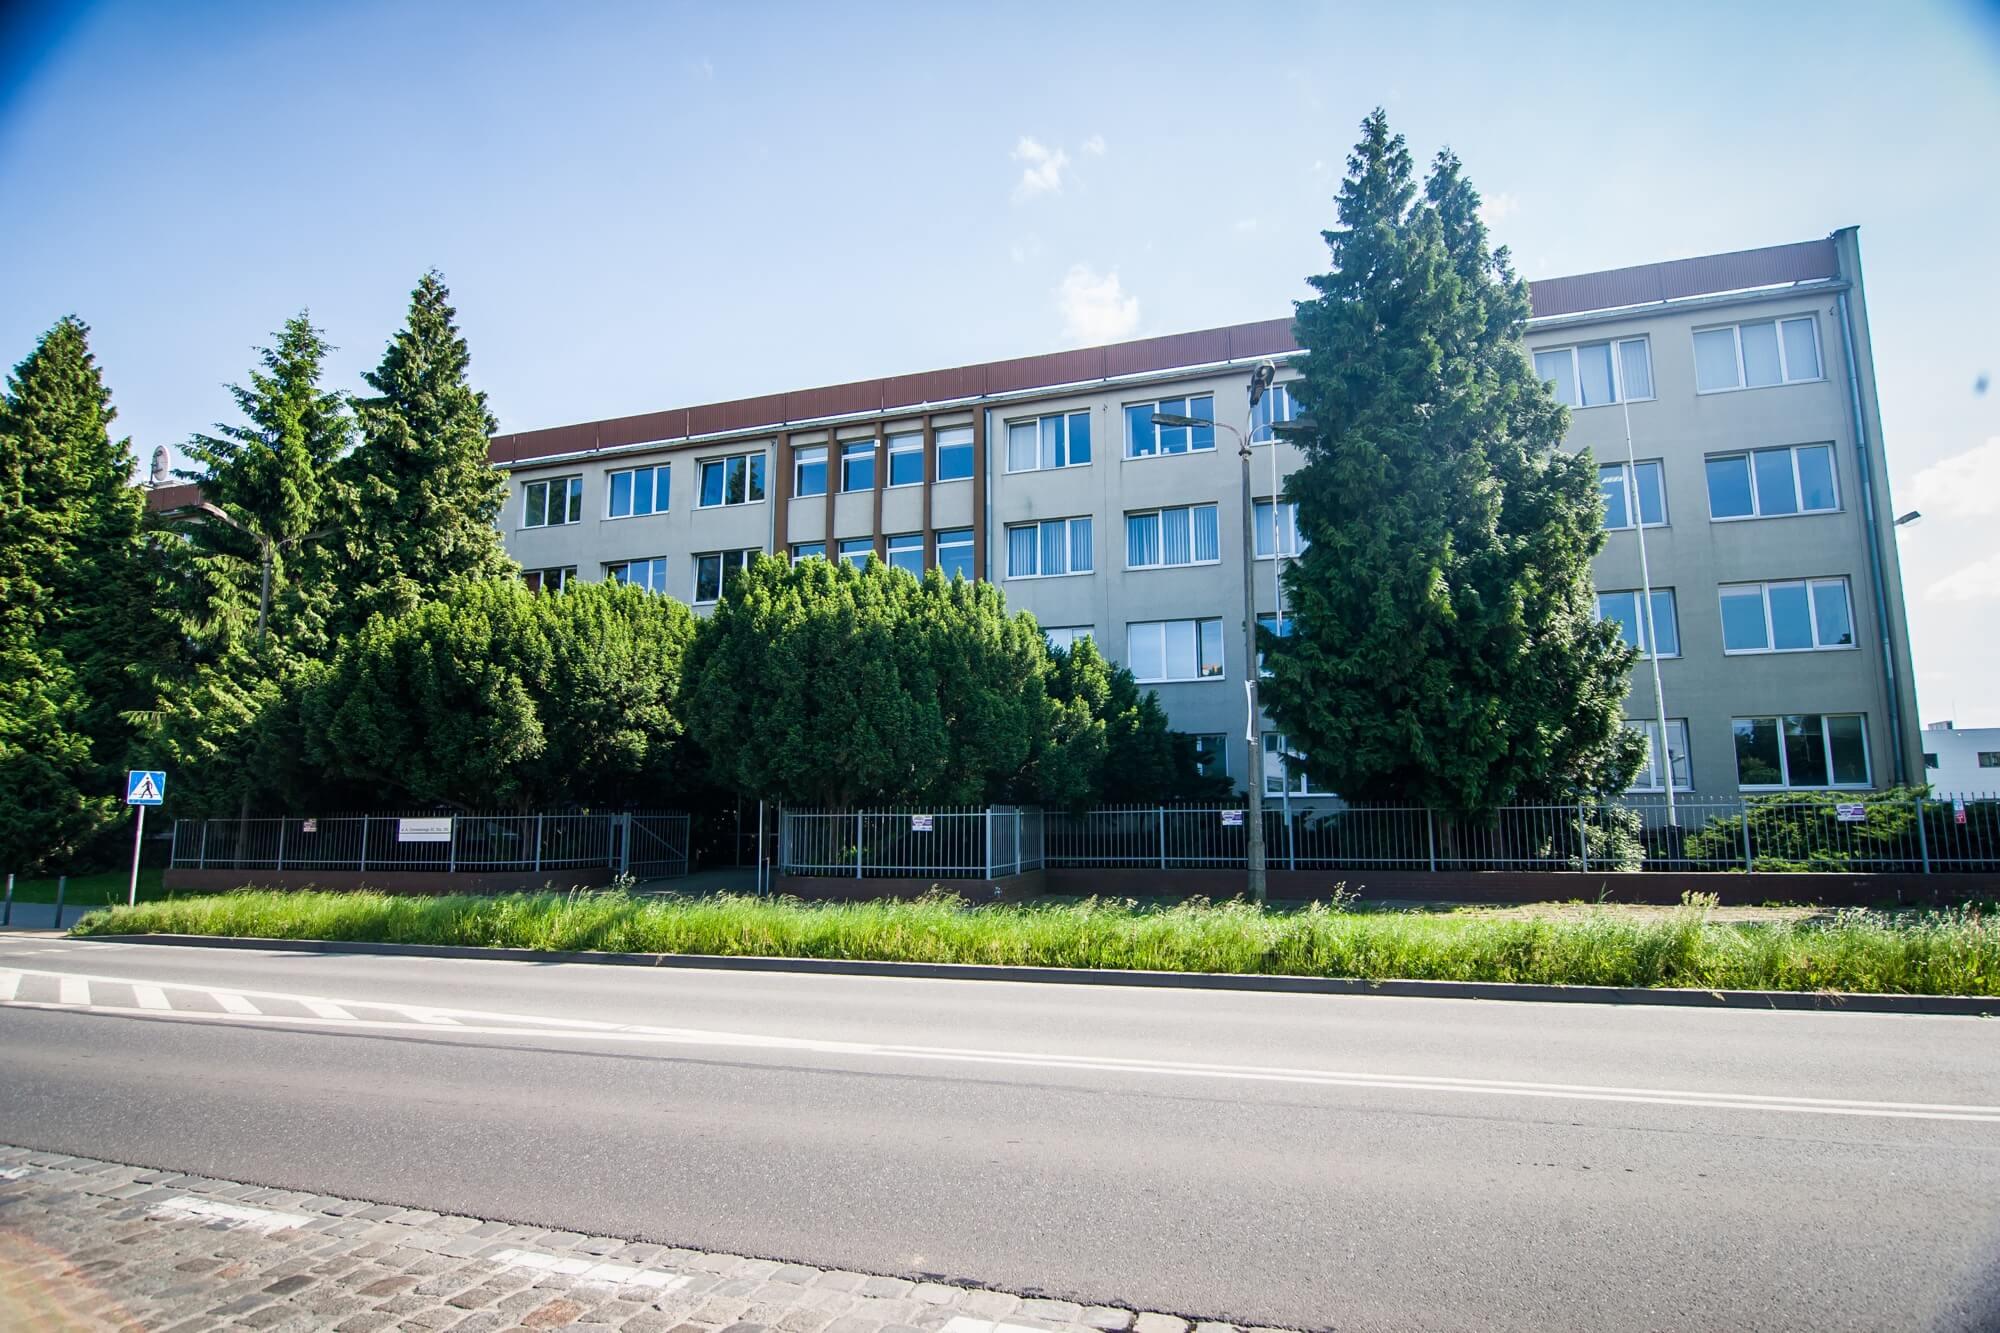 biuro-rachunkowe-ostrowskiego-30-wroclaw-2